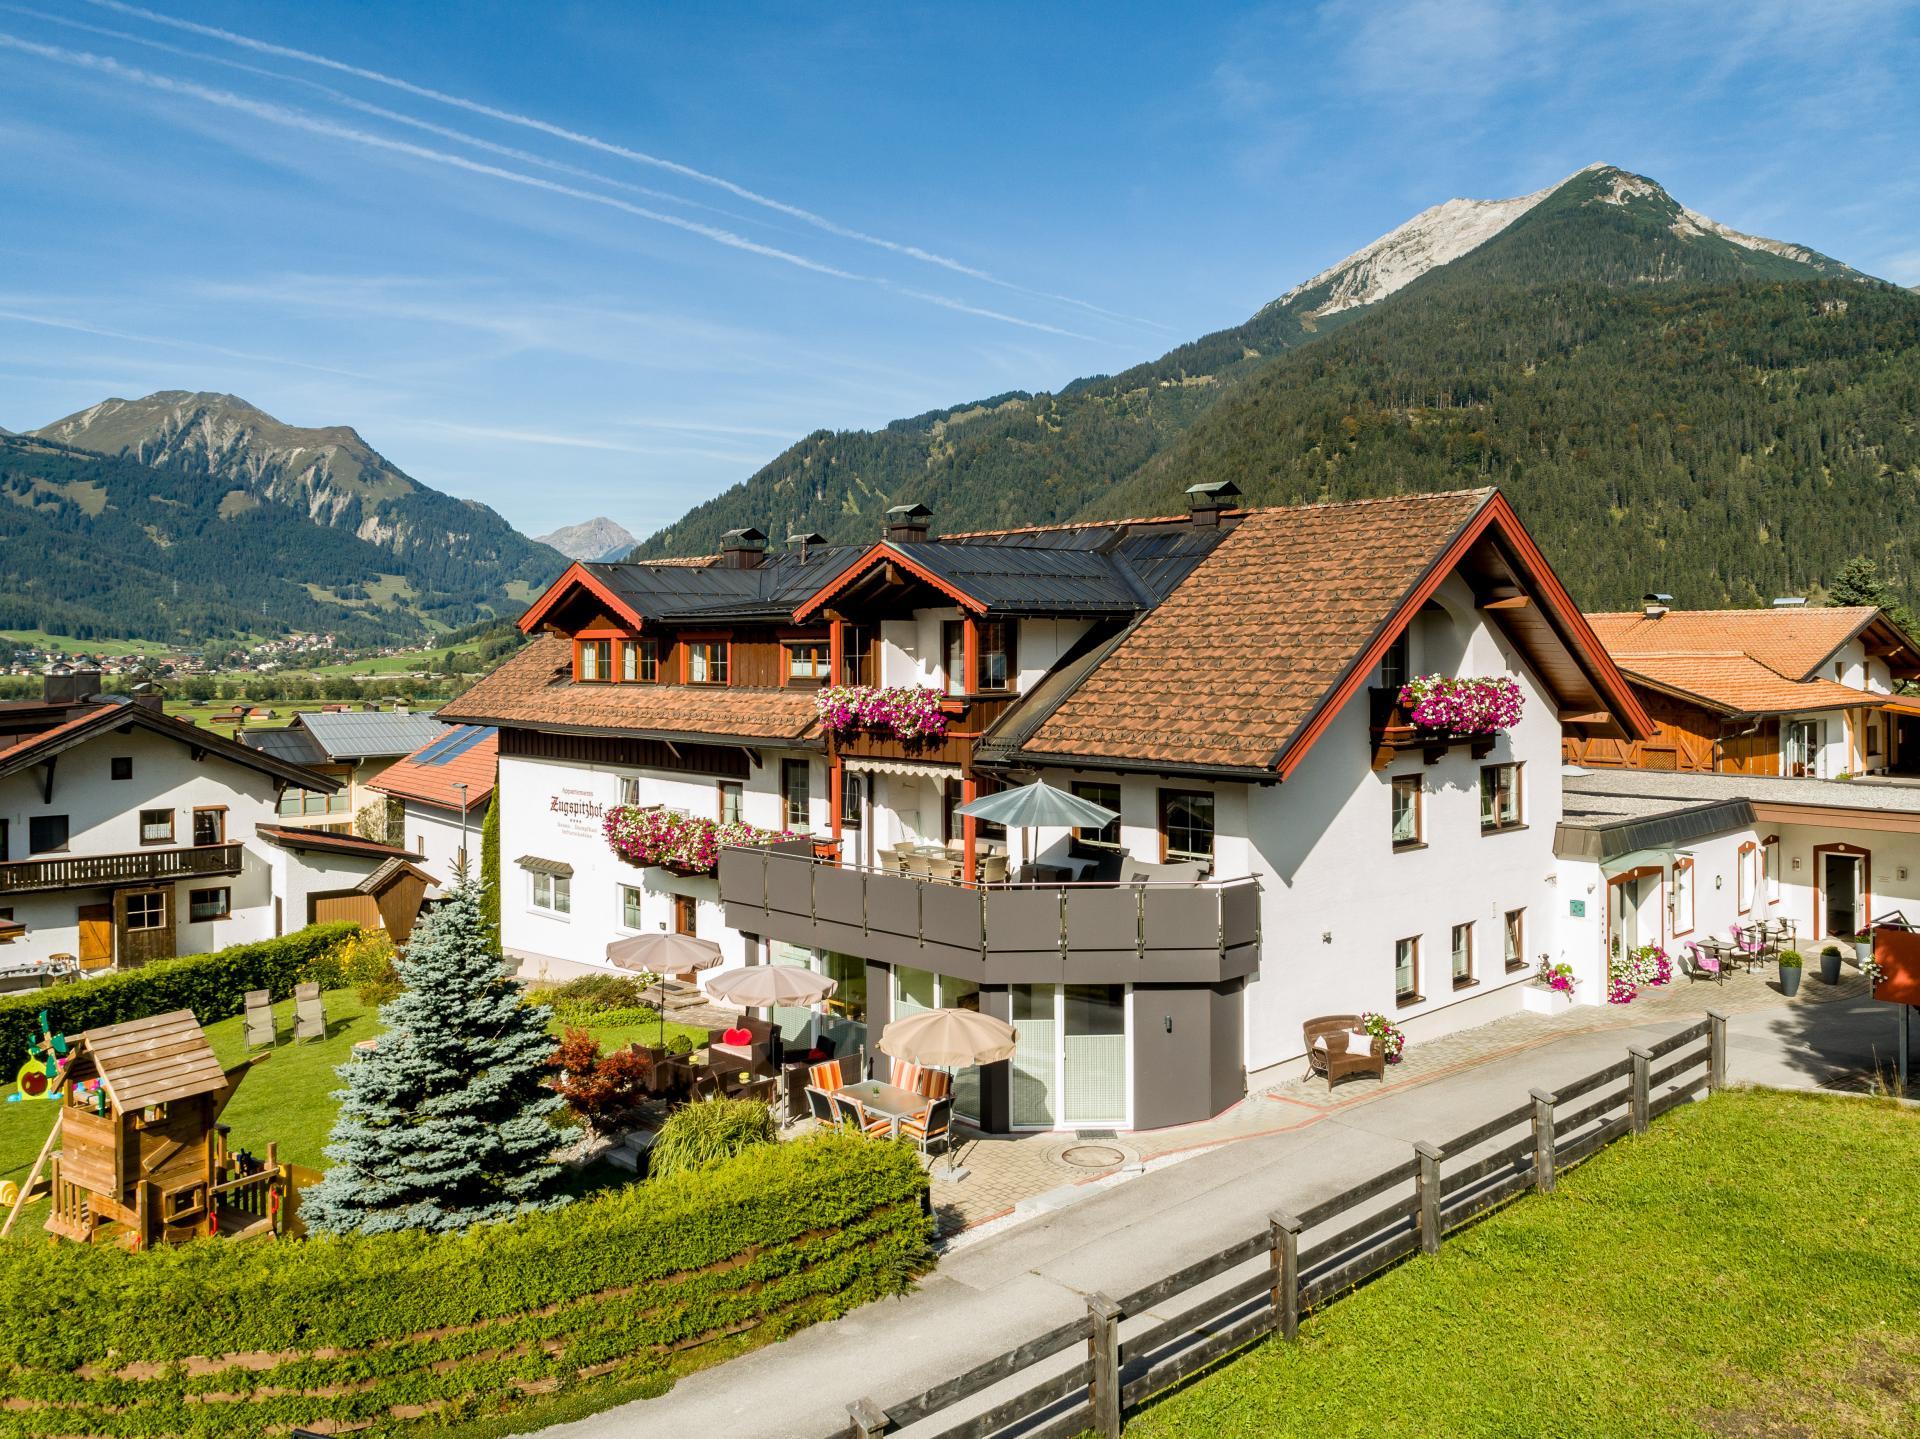 4 Sterne Zugspitzhof Ehrwald #Willkommen#Bildergalerie#Chronik